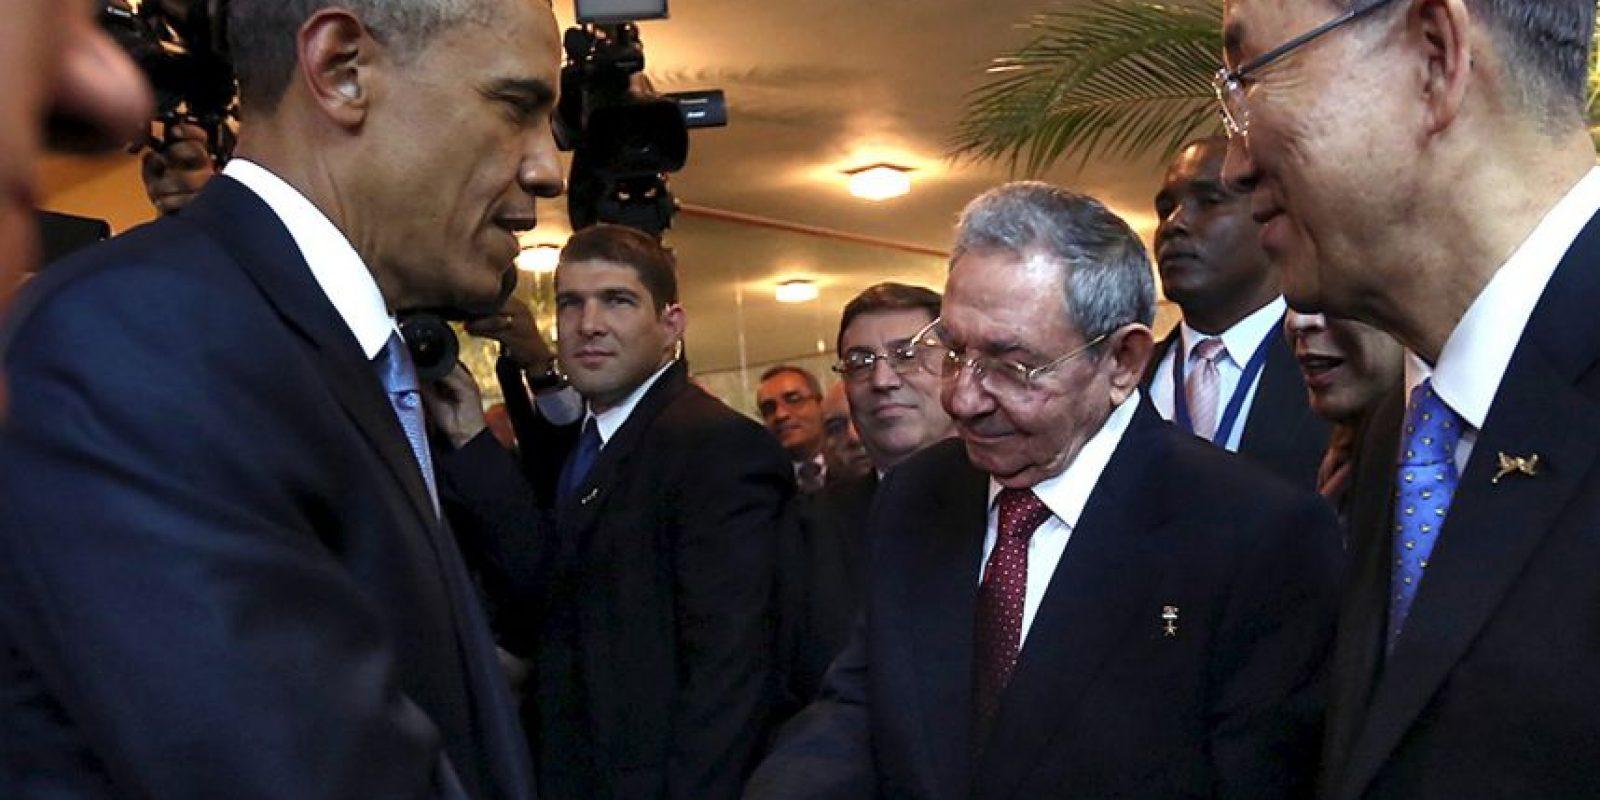 El primer paso será la reapertura de las embajadas pero seguirán varios asuntos pendientes por resolver. Foto:AFP